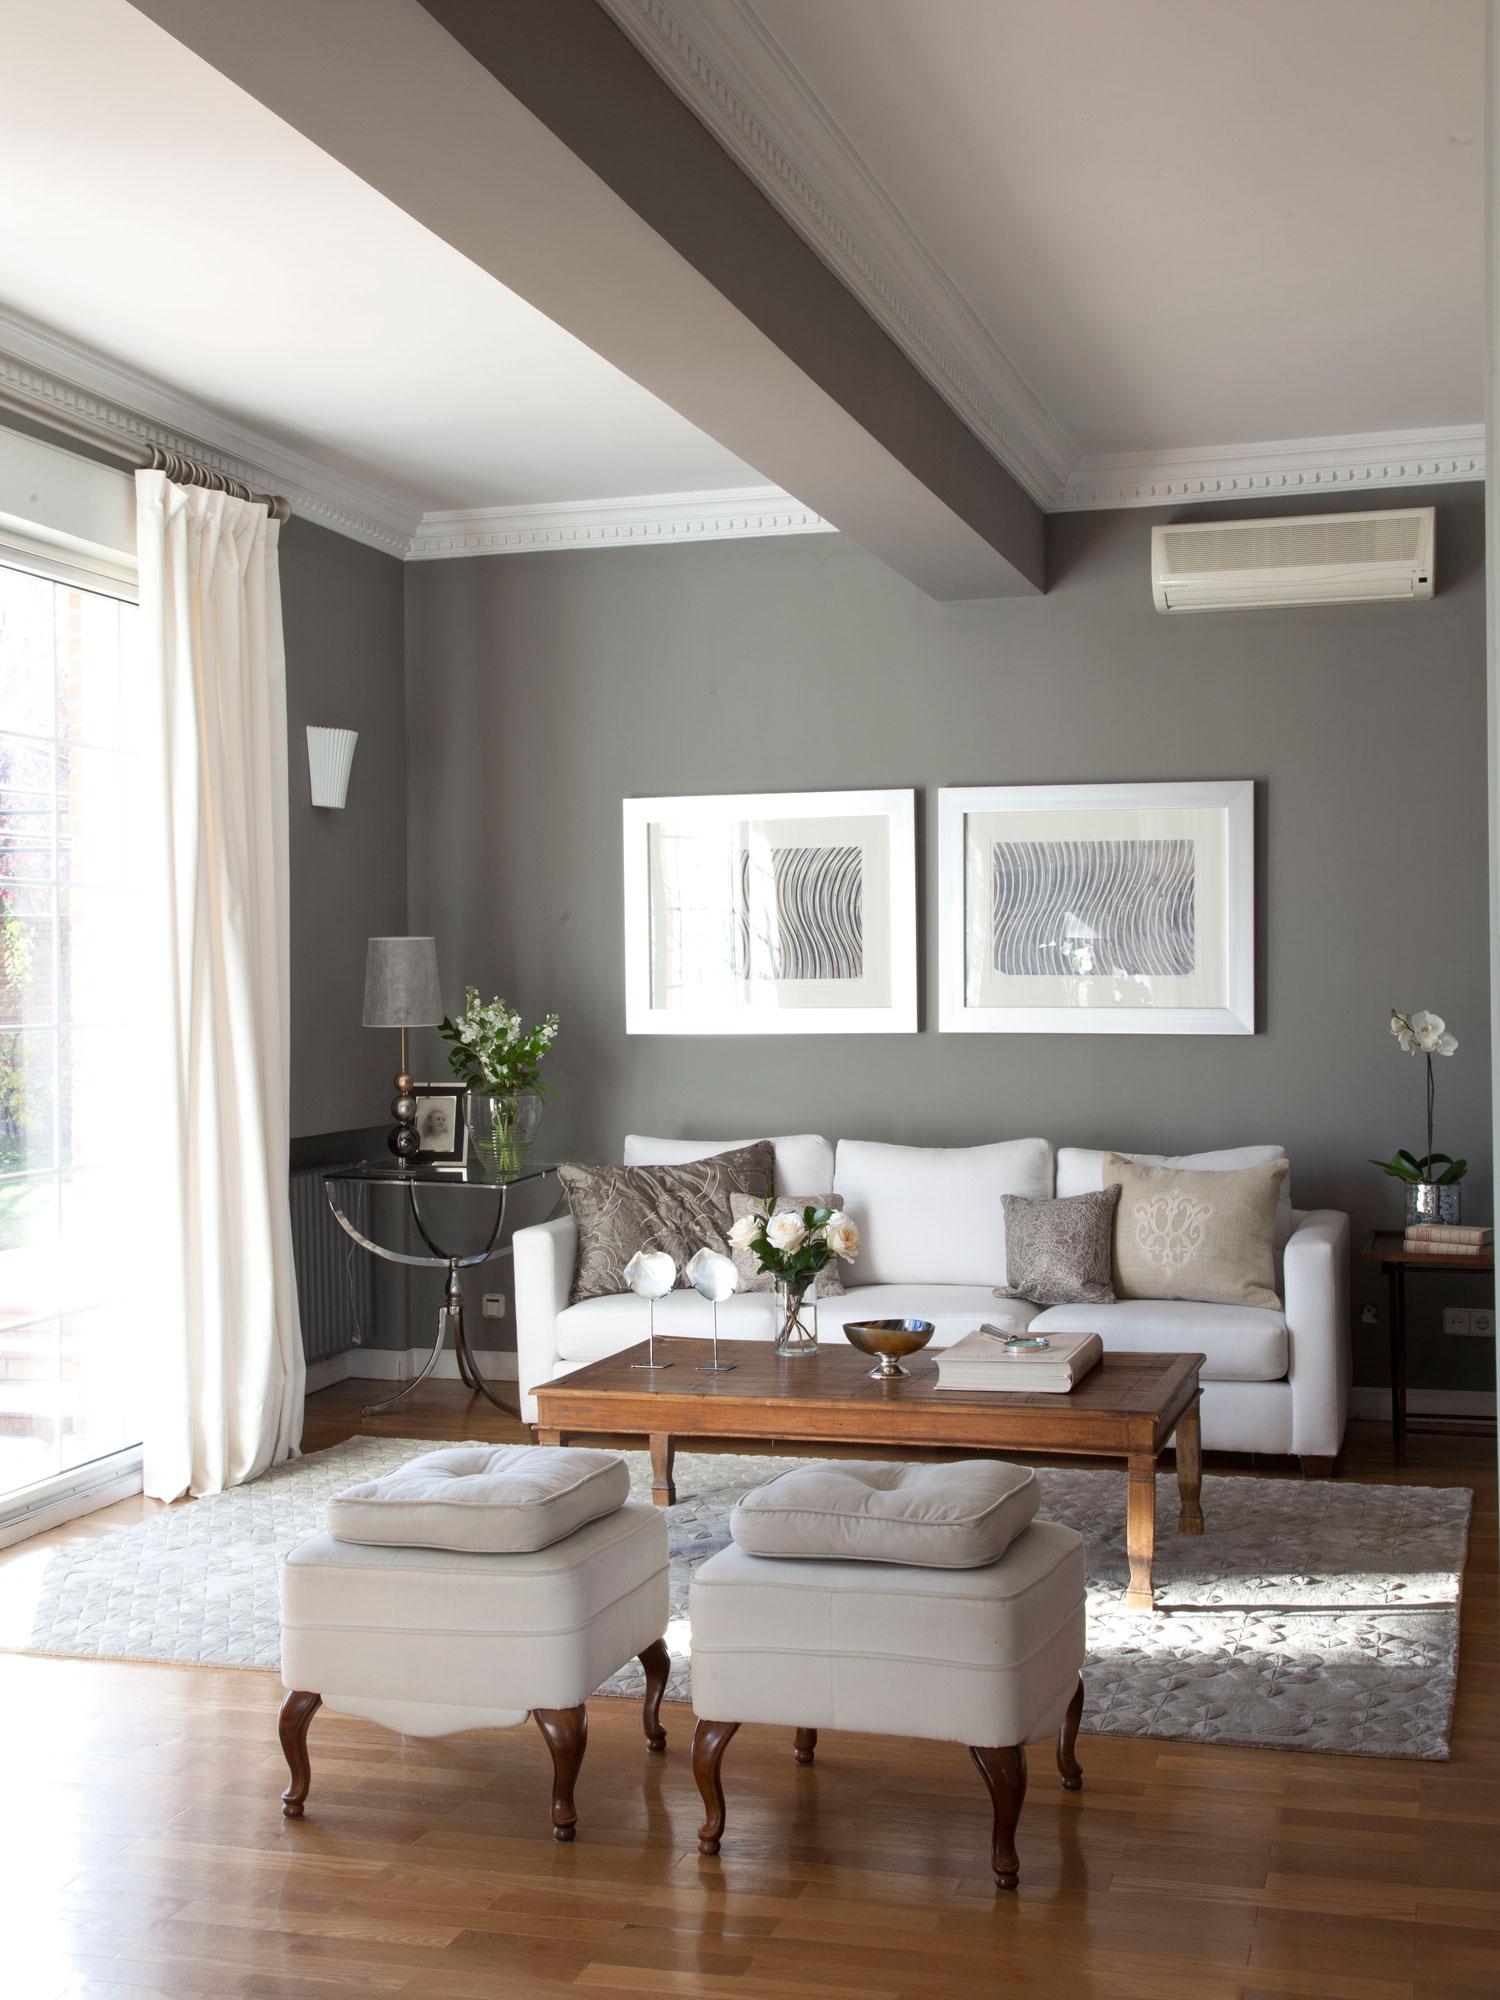 C mo renovar tu casa en solo un fin de semana for Colores para pintar puertas de interior